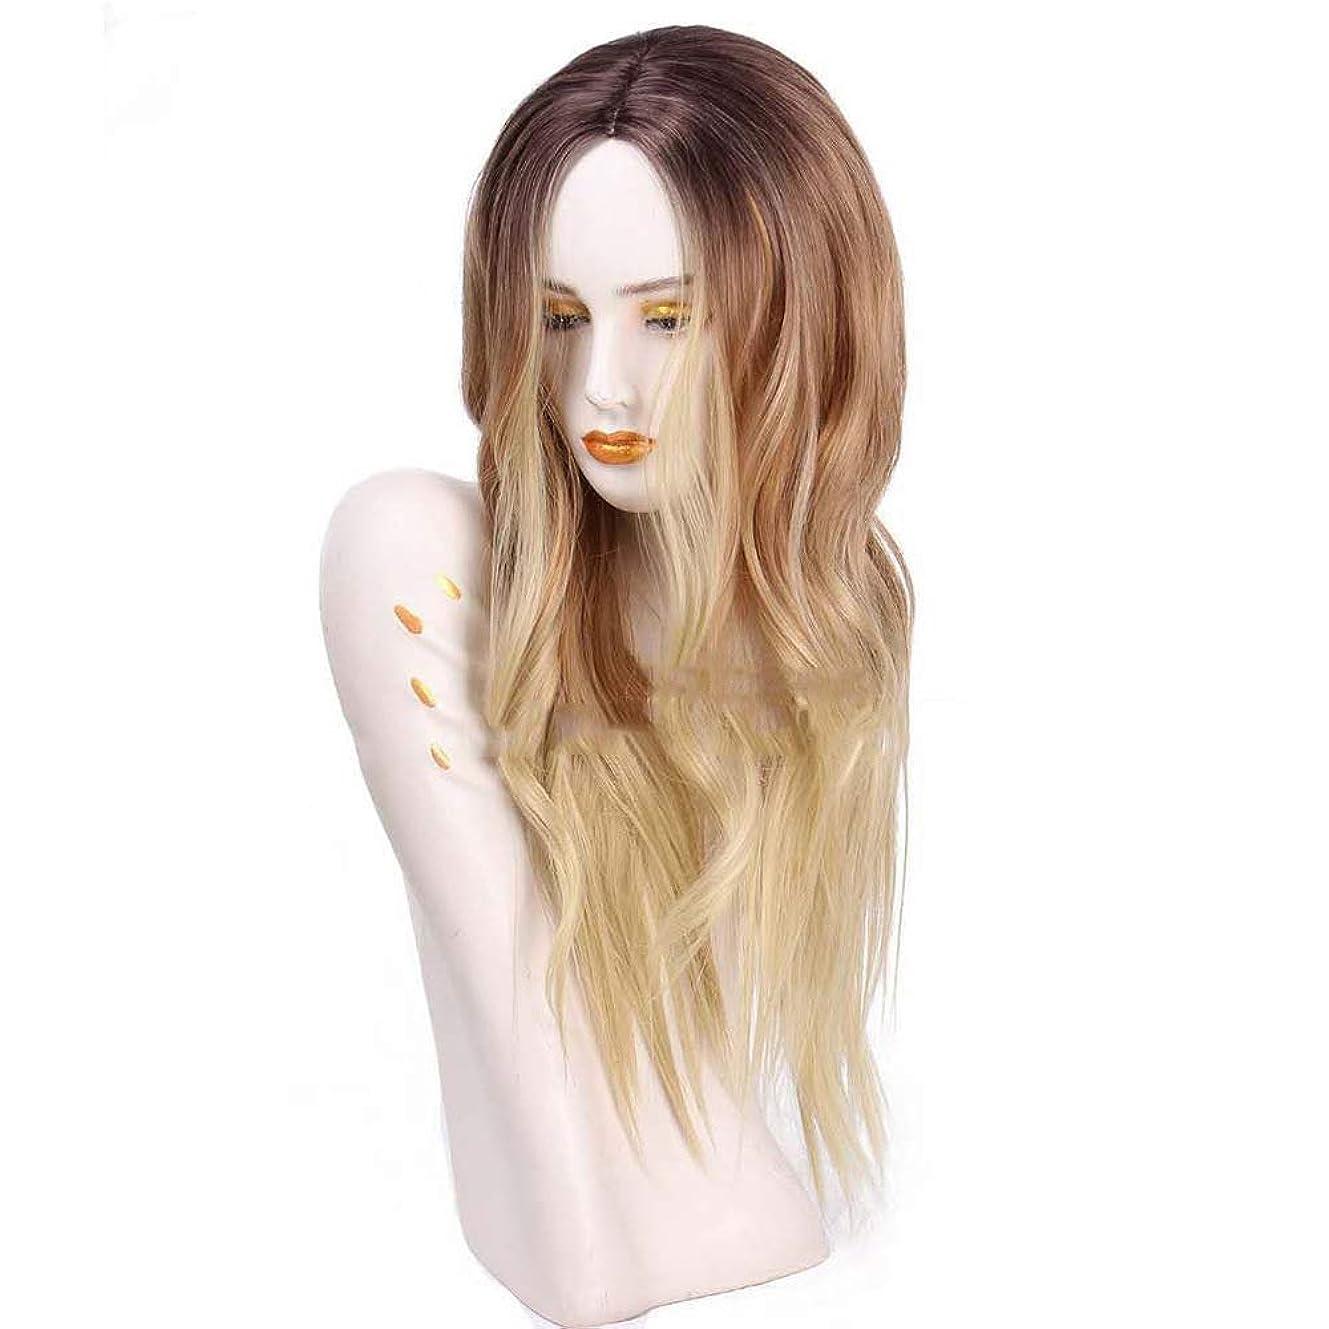 騙すエントリ不合格耐熱合成かつらグラデーションゴールド65 cm用の長い波状のかつら女性のかつら